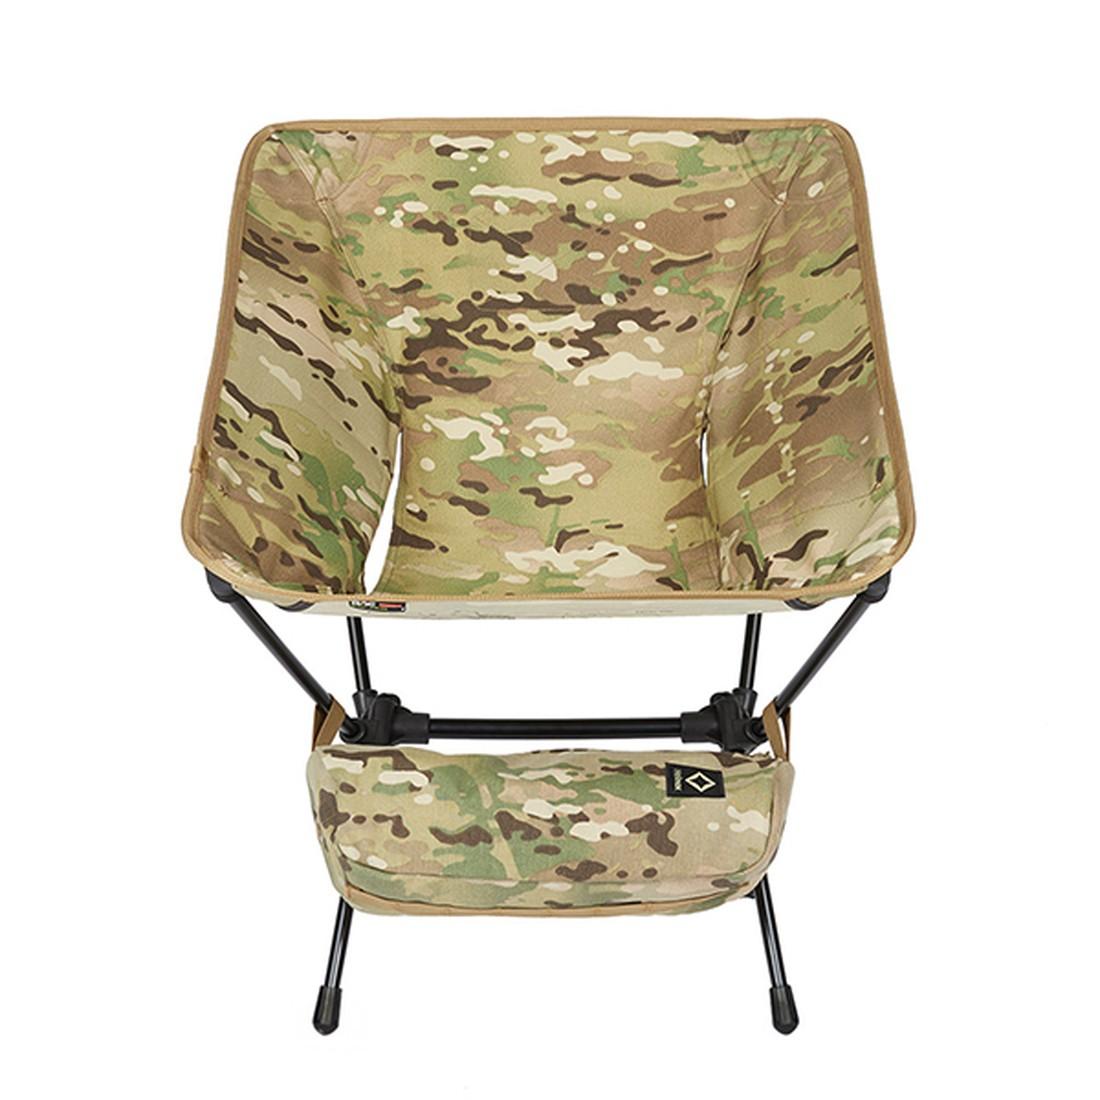 ヘリノックス タクティカルチェアMC マルチカム 折りたたみ椅子チェアー  国内正規品